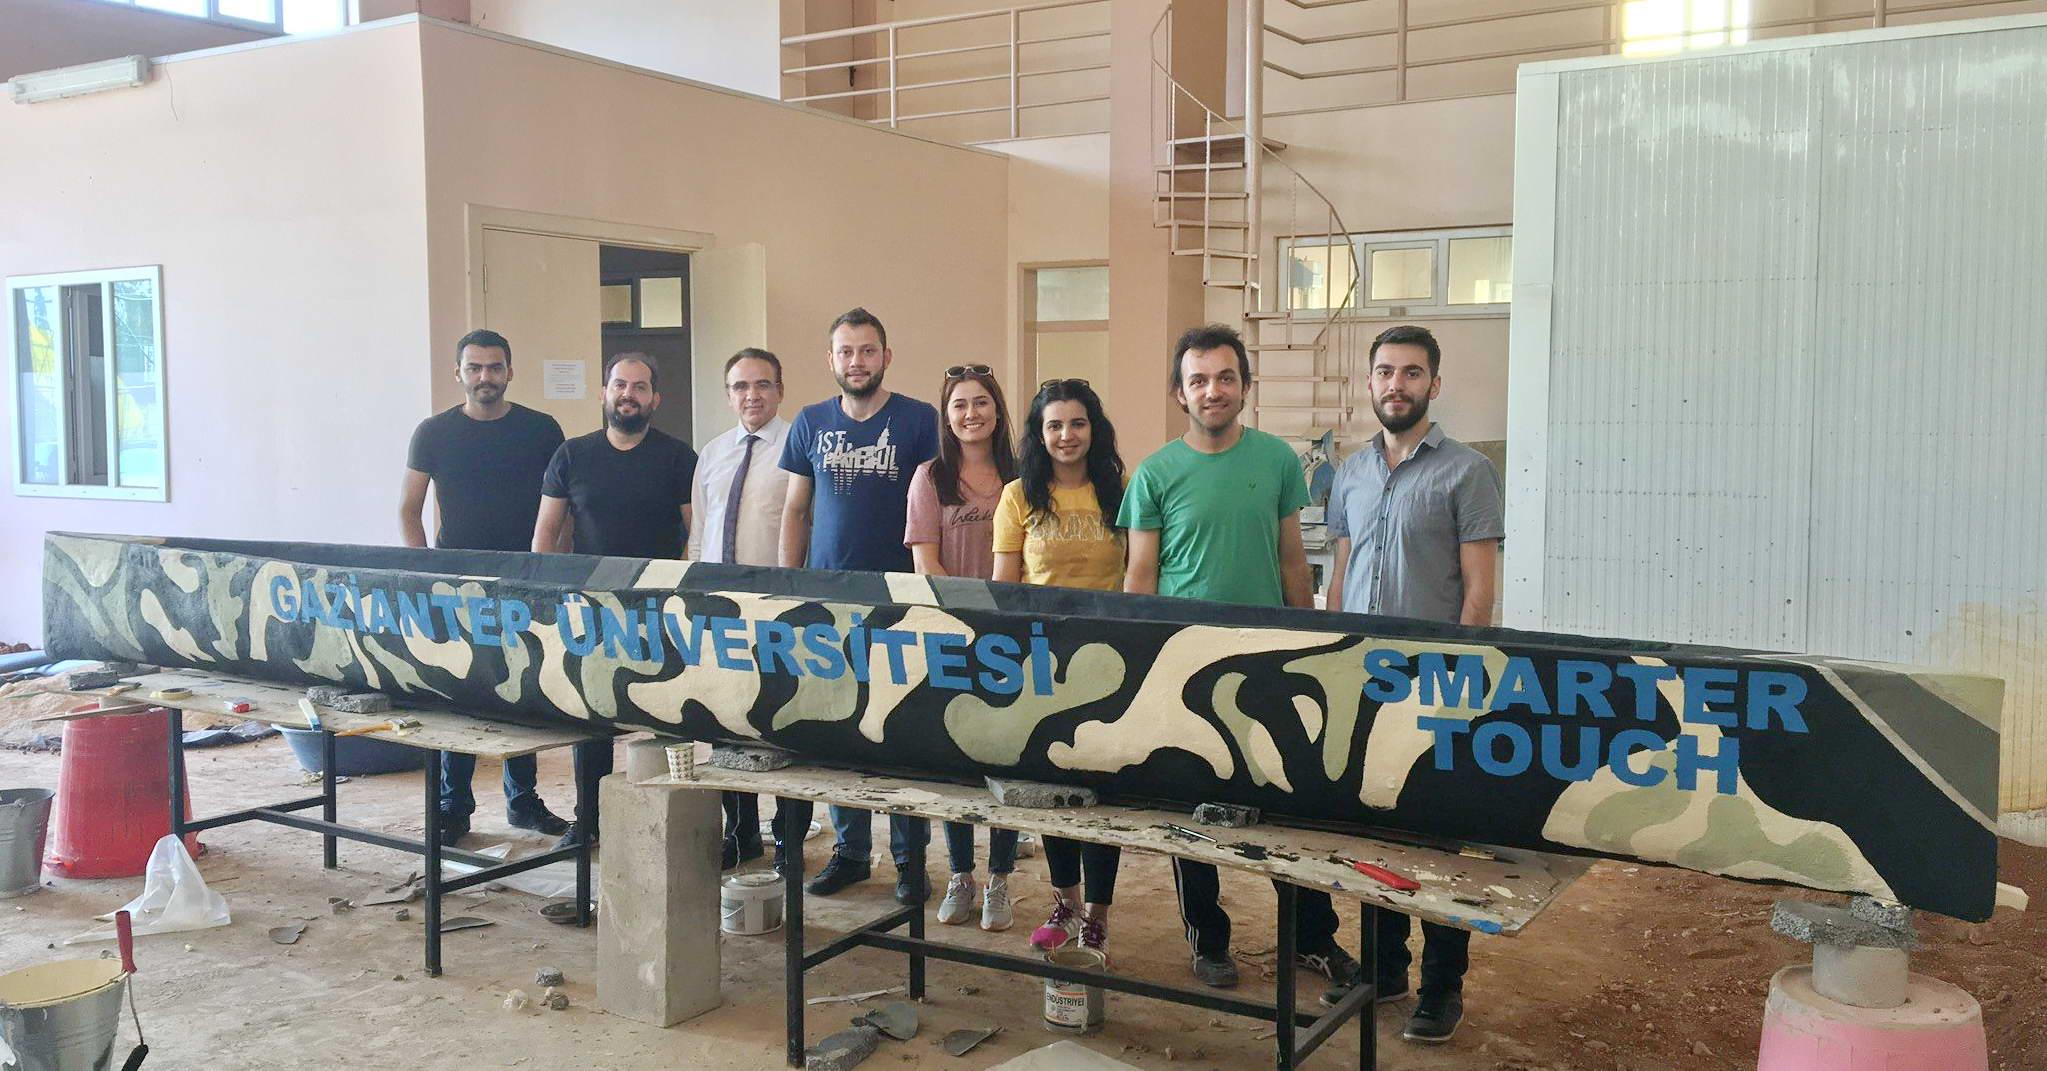 Gaziantep Üniversitesi Öğrencilerinden Yüzen Beton -  (1)